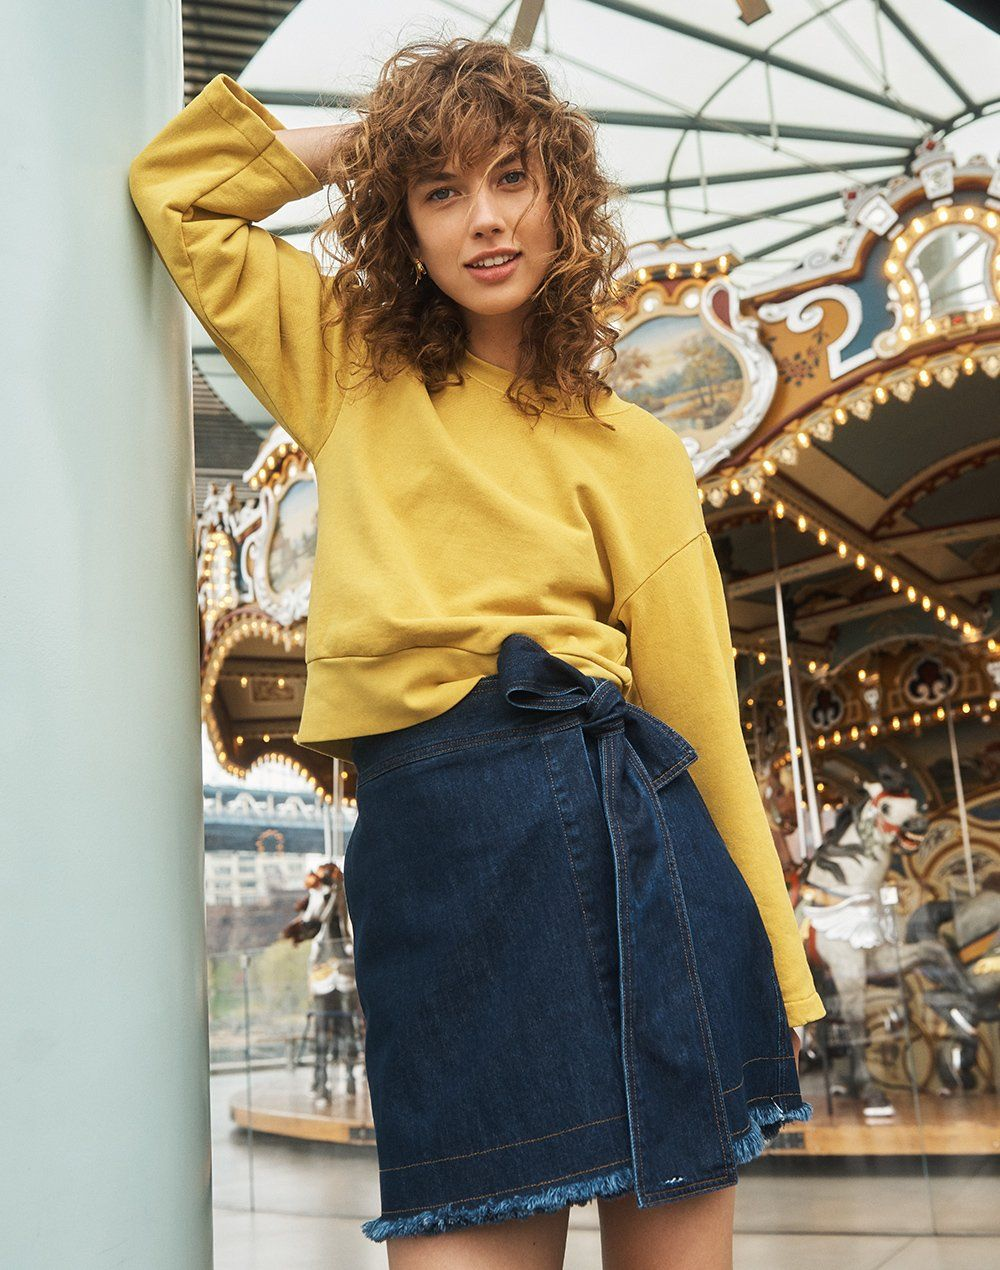 9c140972f4c6 madewell x karen walker denim killick skirt worn with madewell x karen  walker garment-dyed sweatshirt.